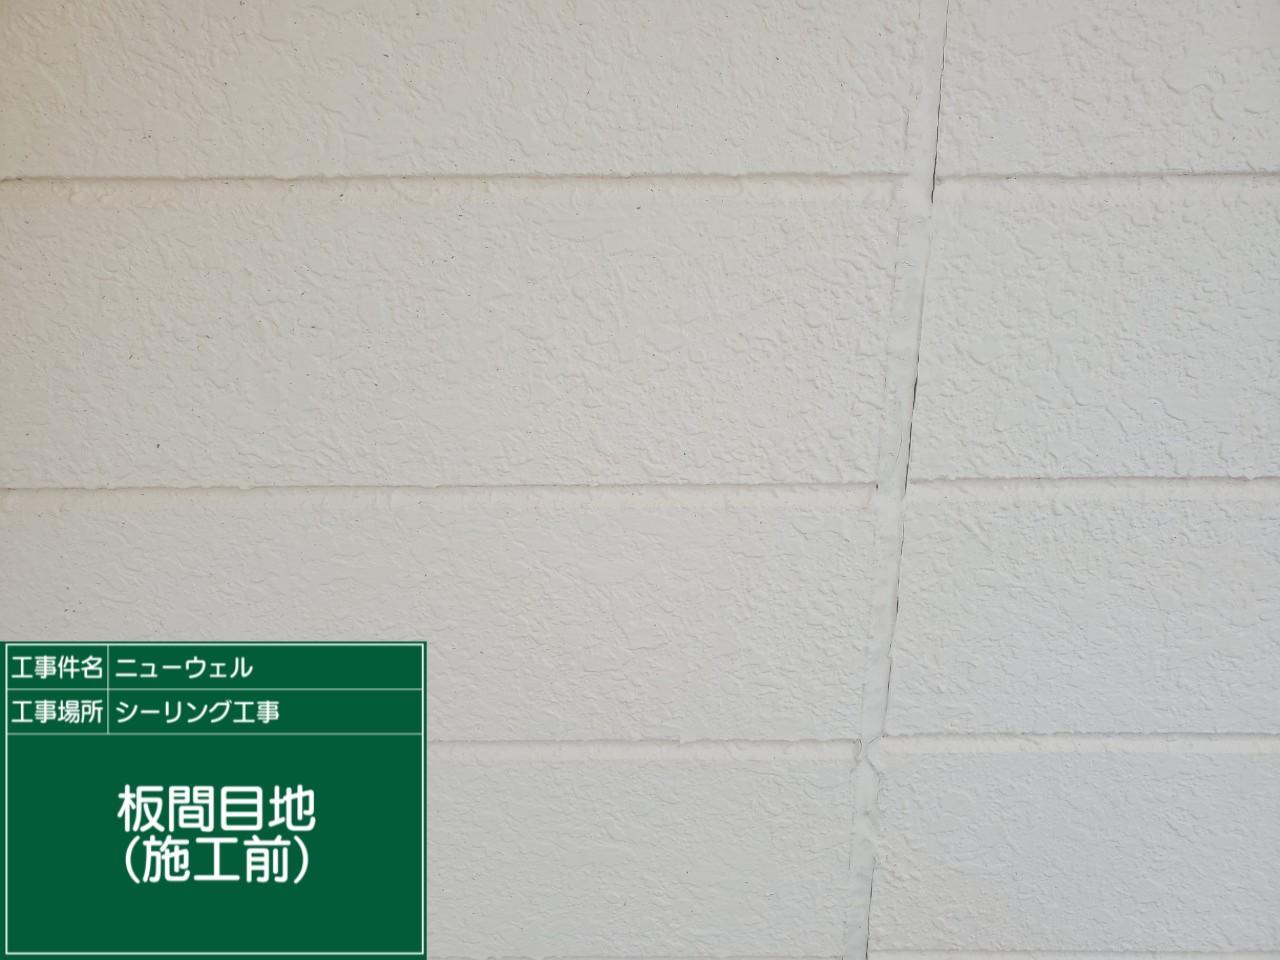 【板間目地】①施工前